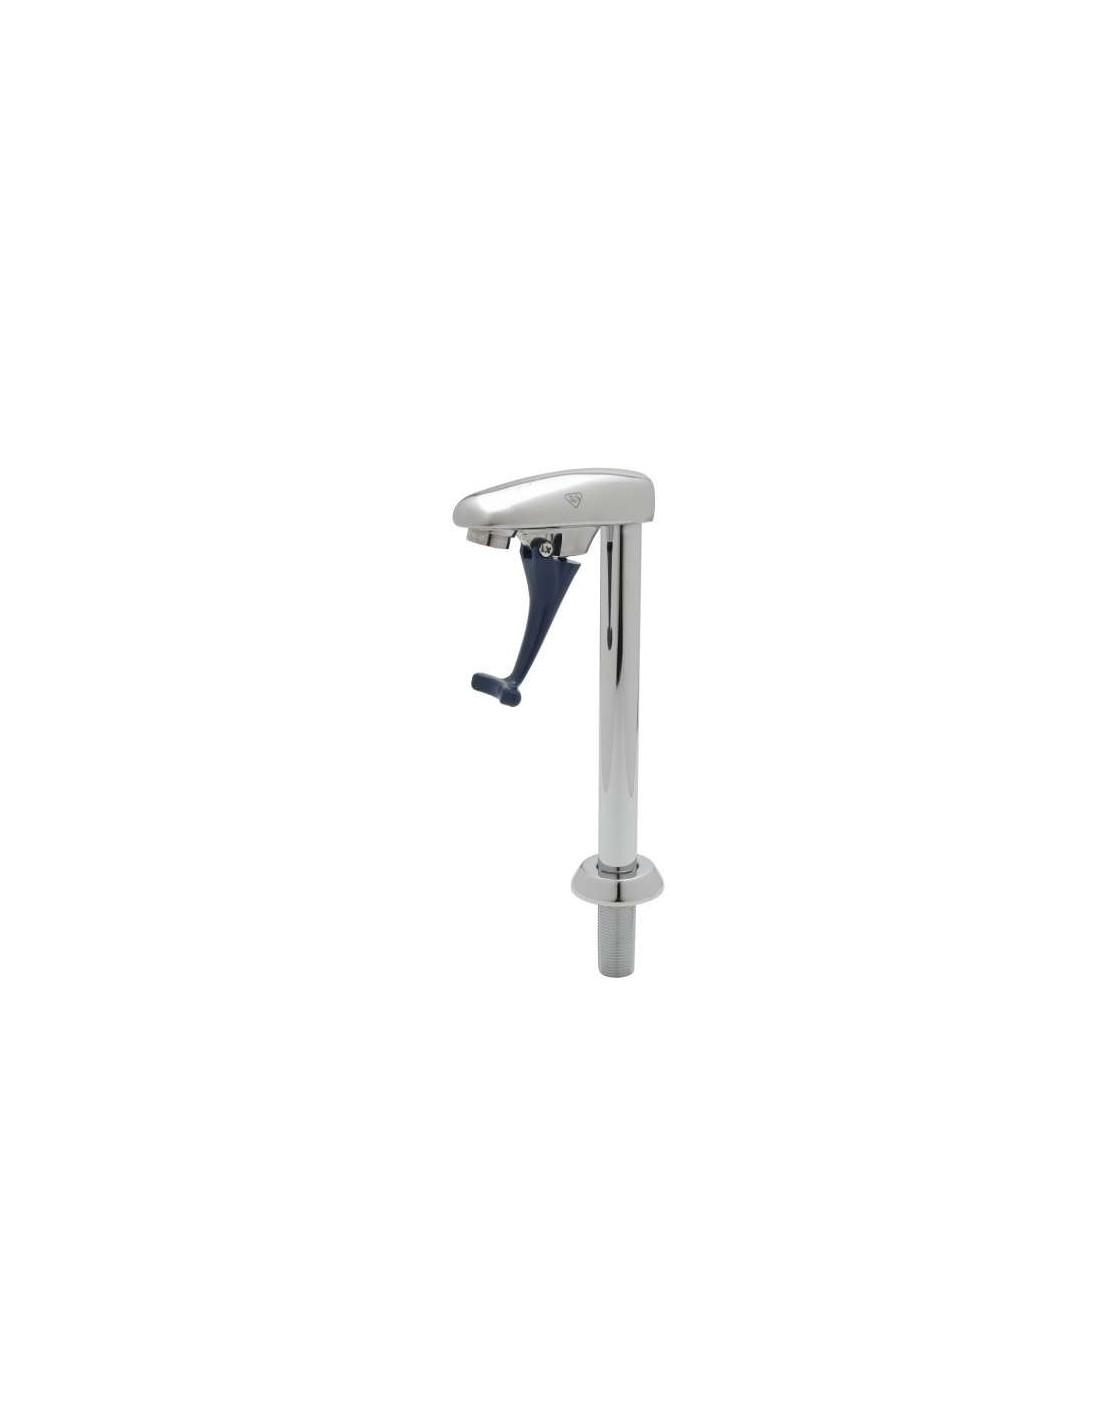 UPP00151 - Tapptorn komplett - Vattensifon / glasfyllare (20 cm serveringshöjd) för vatten med tryckarm